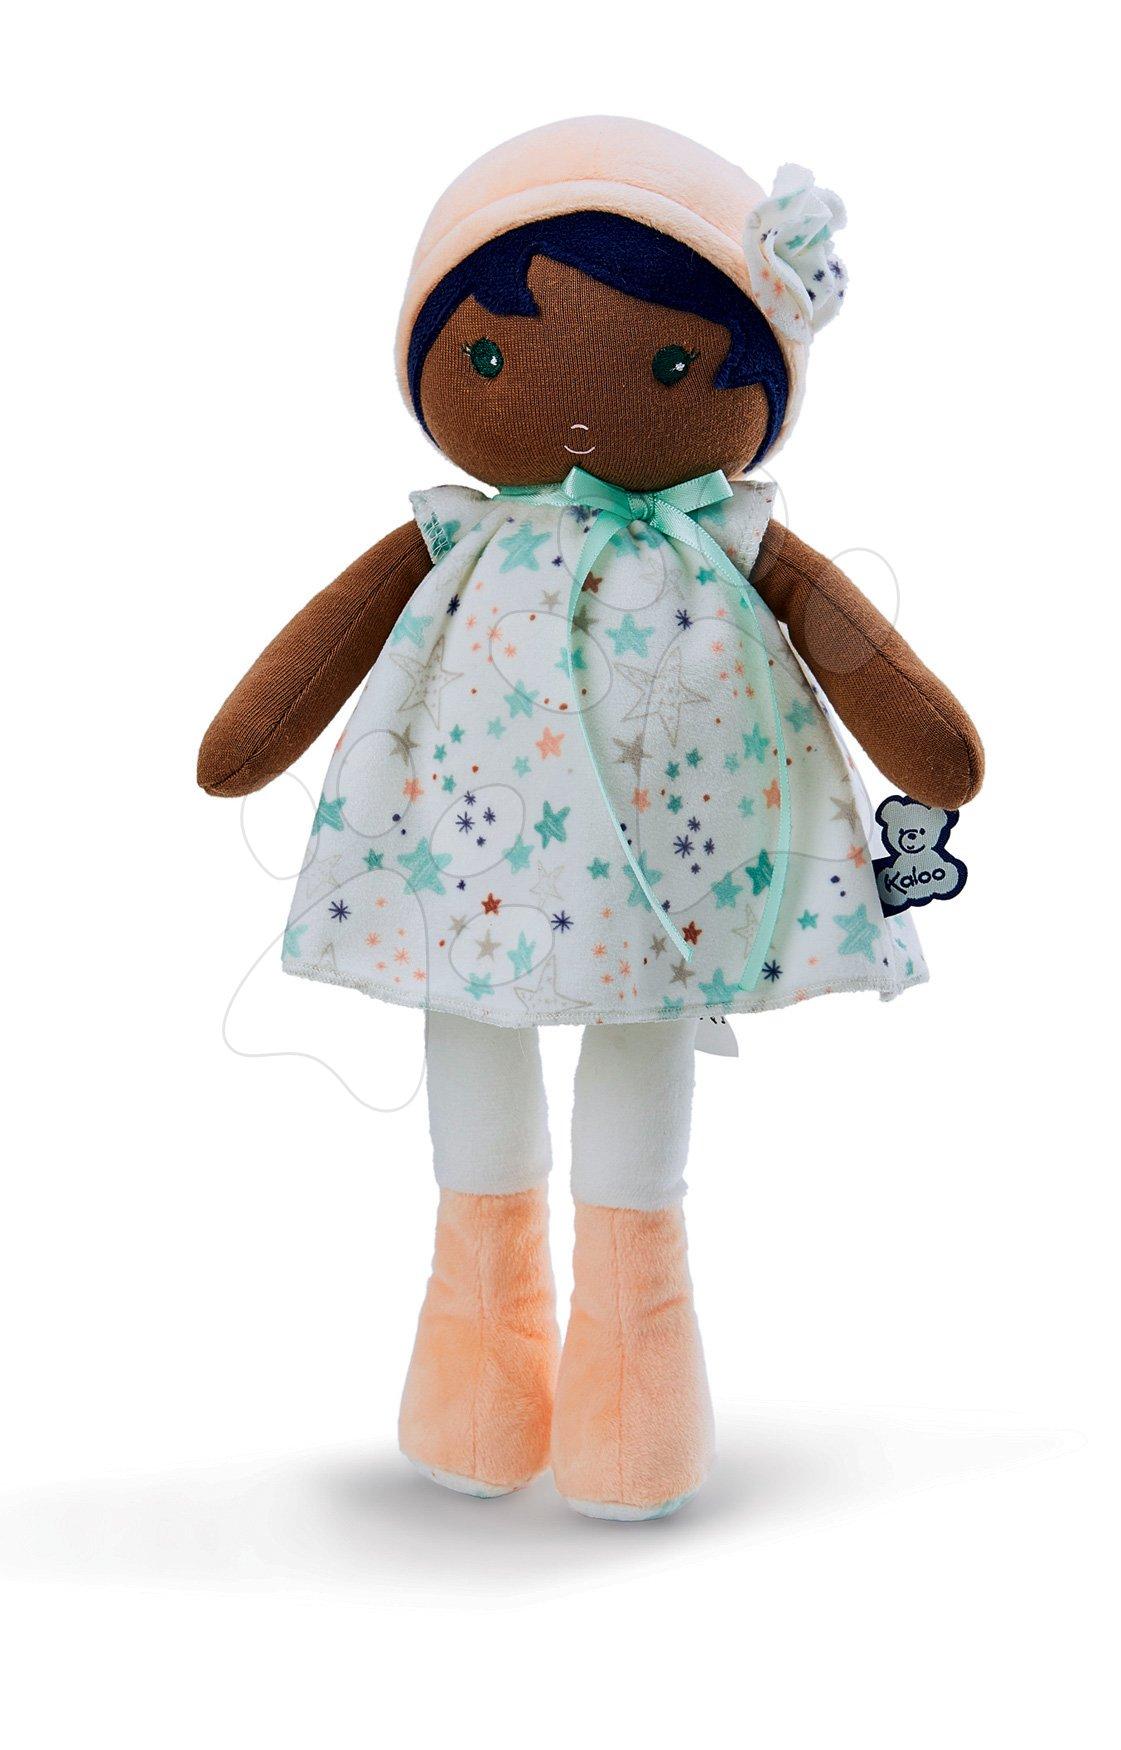 Panenka pro miminka Manon K Tendresse Kaloo 25 cm v hvězdičkových šatech z jemného textilu v dárkovém balení od 0 měsíců